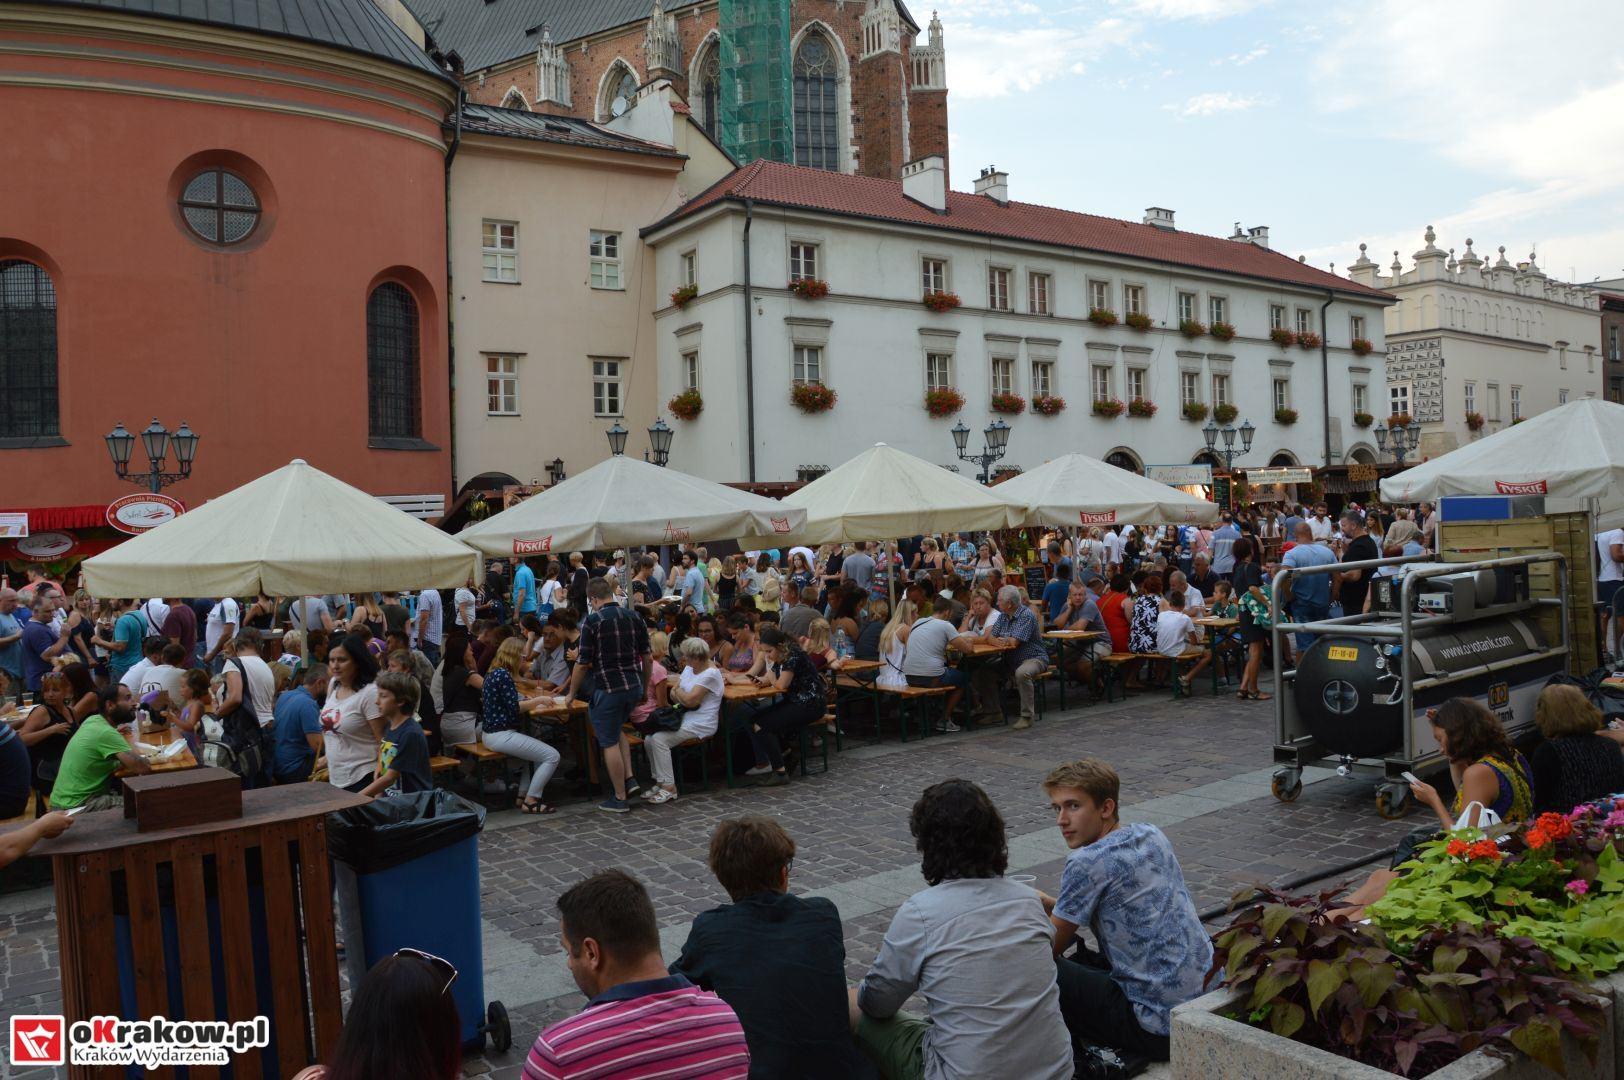 krakow festiwal pierogow maly rynek koncert cheap tobacco 72 150x150 - Galeria zdjęć Festiwal Pierogów Kraków 2018 + zdjęcia z koncertu Cheap Tobacco